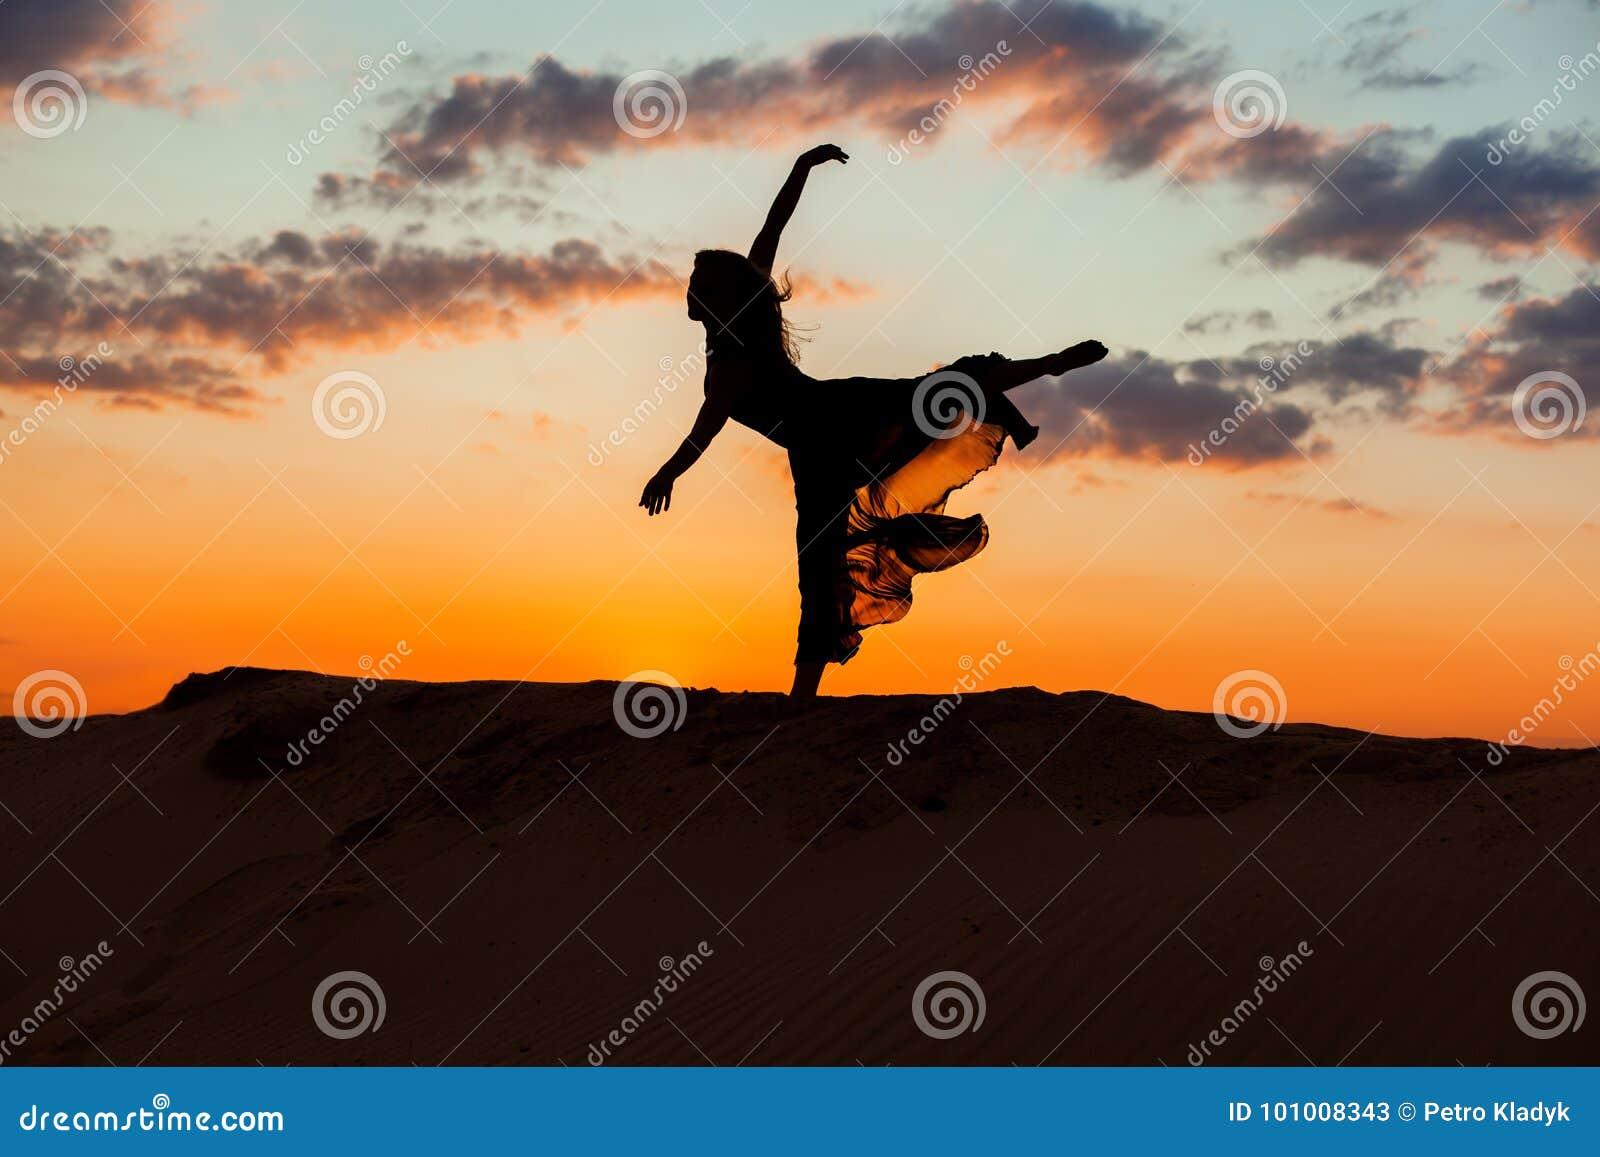 Балерина на закате фото — 1